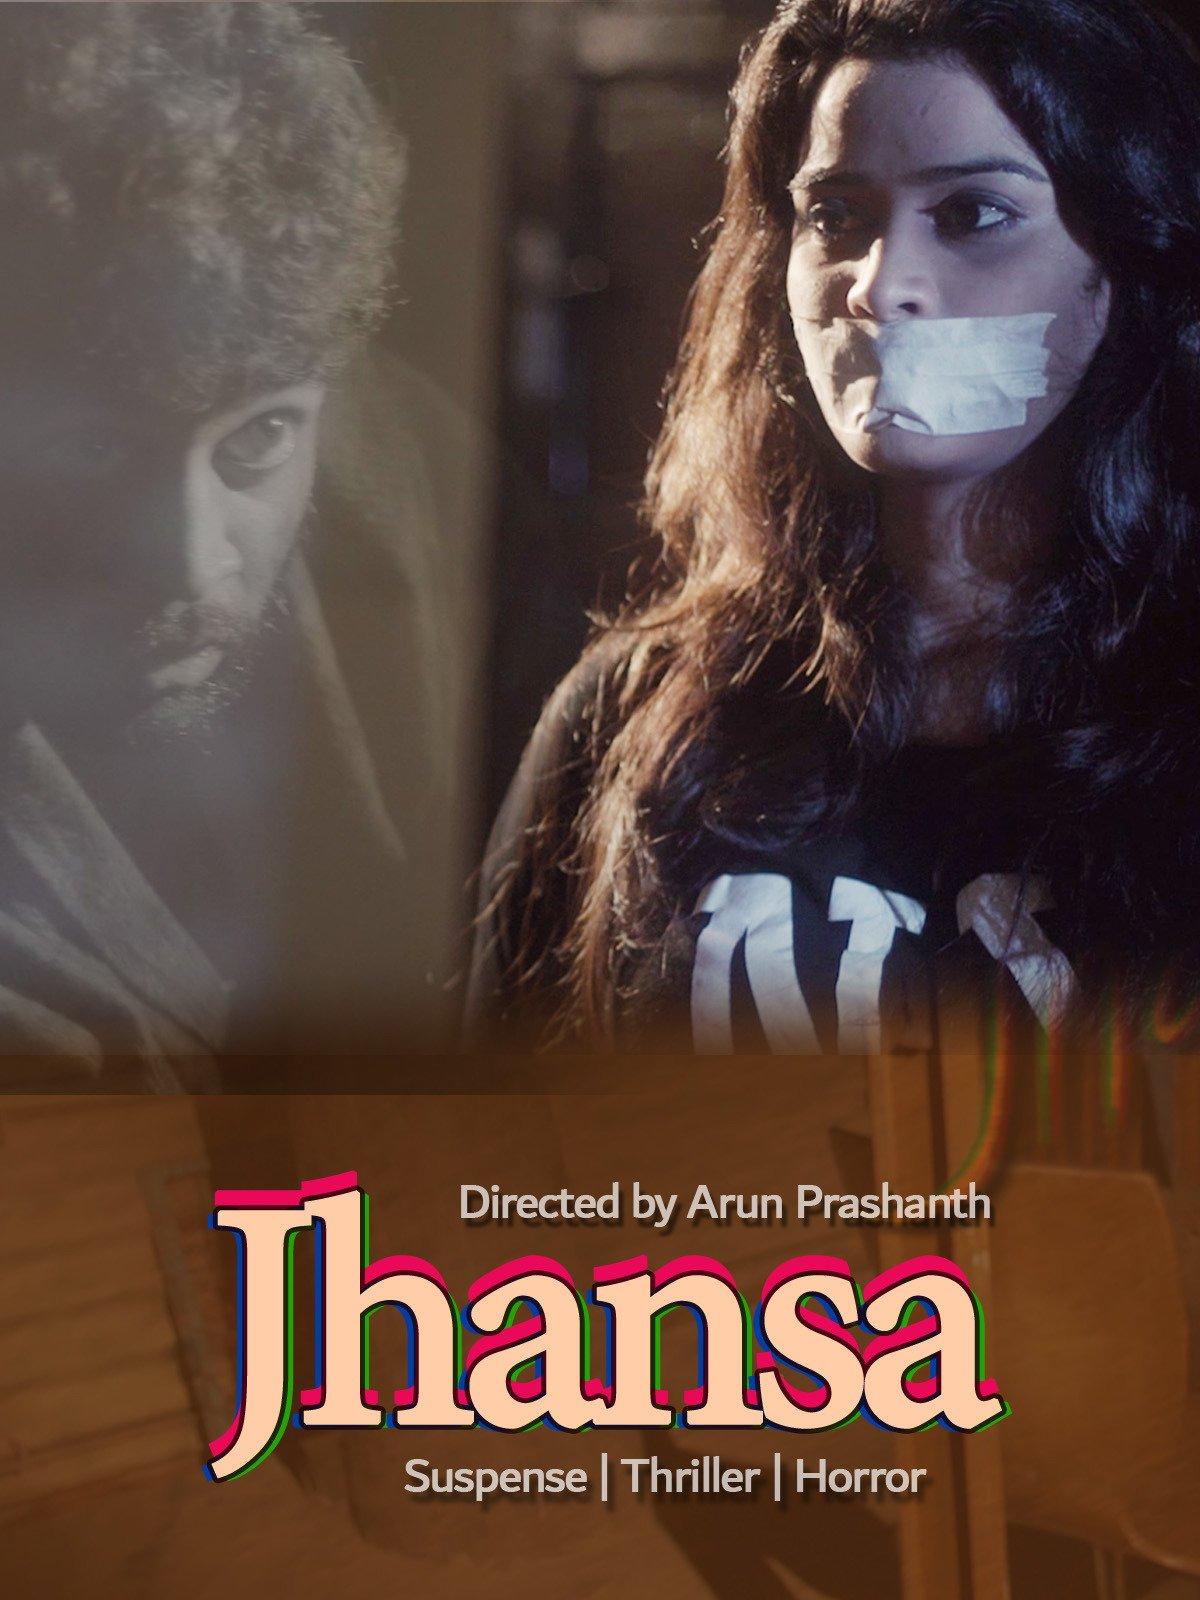 Jhansa